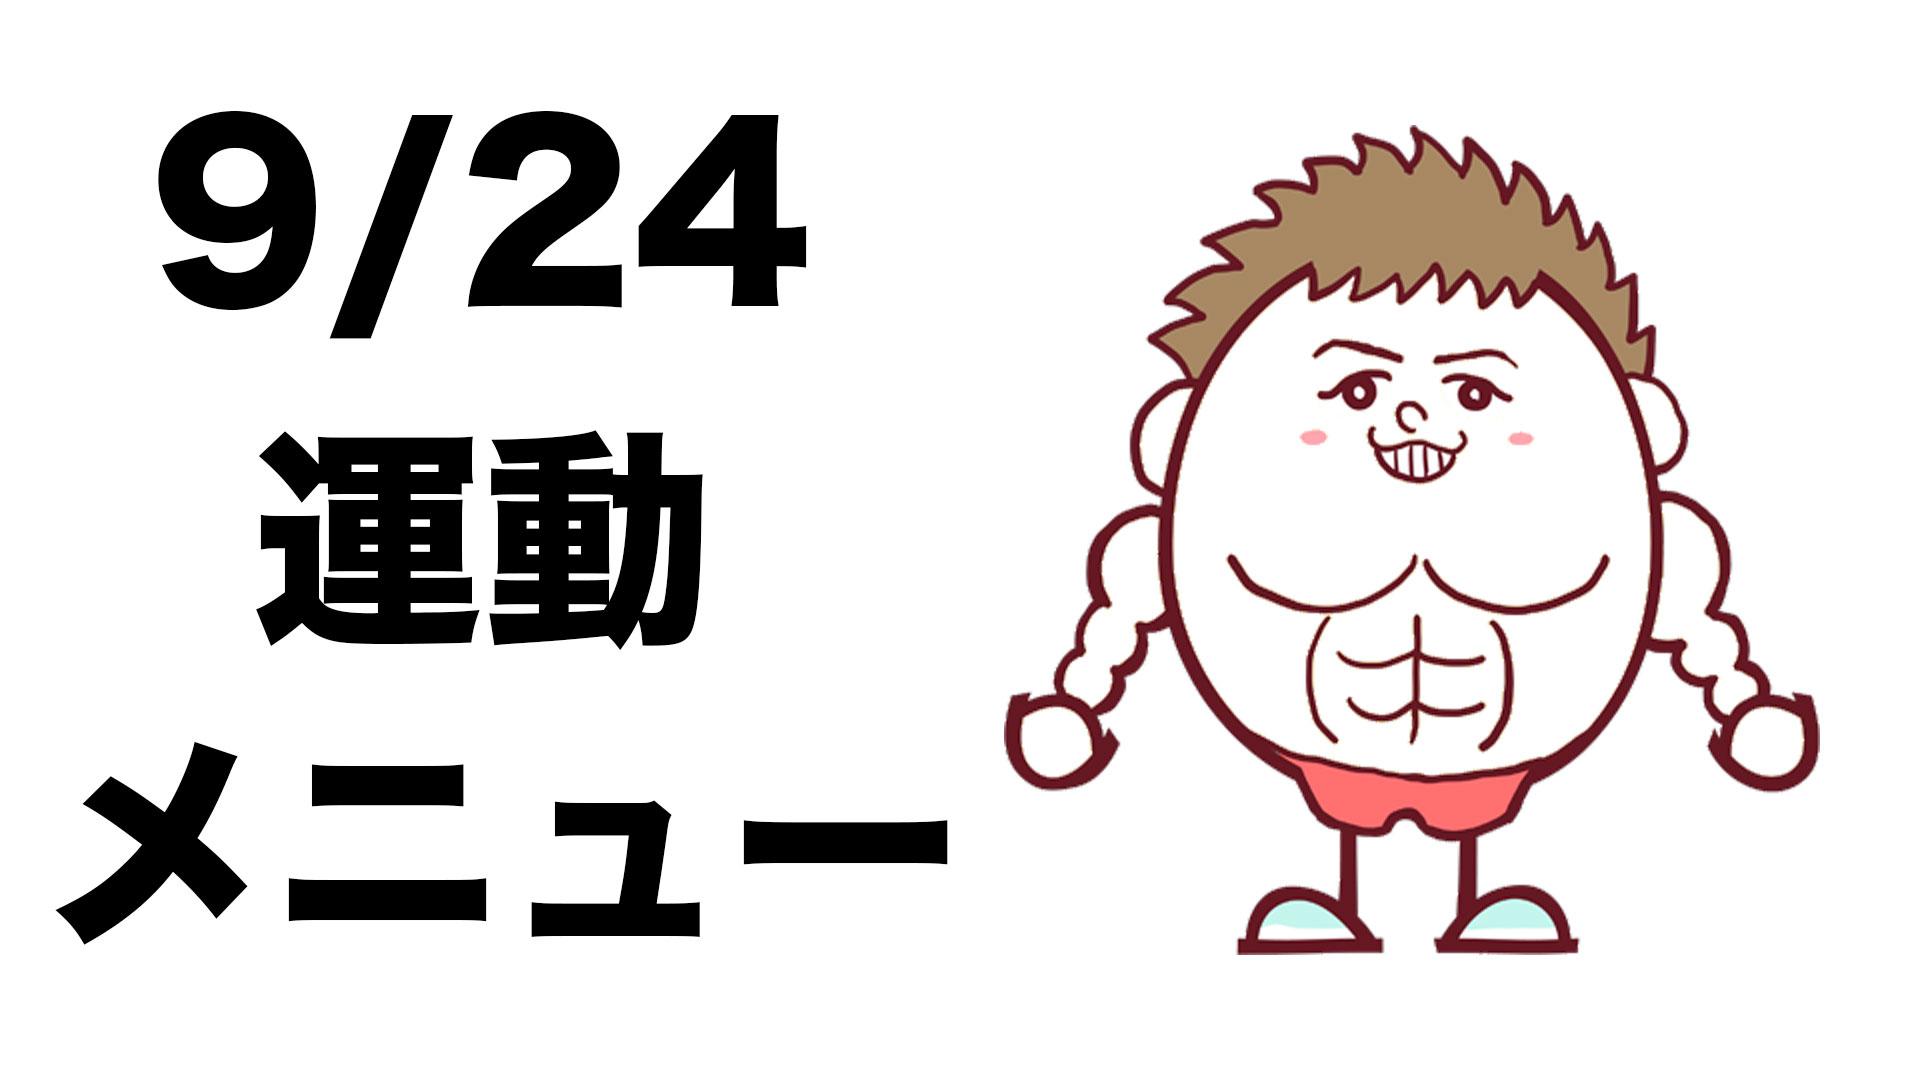 【ハロウィン筋トレ】9/24の腹筋を割る運動メニュー!